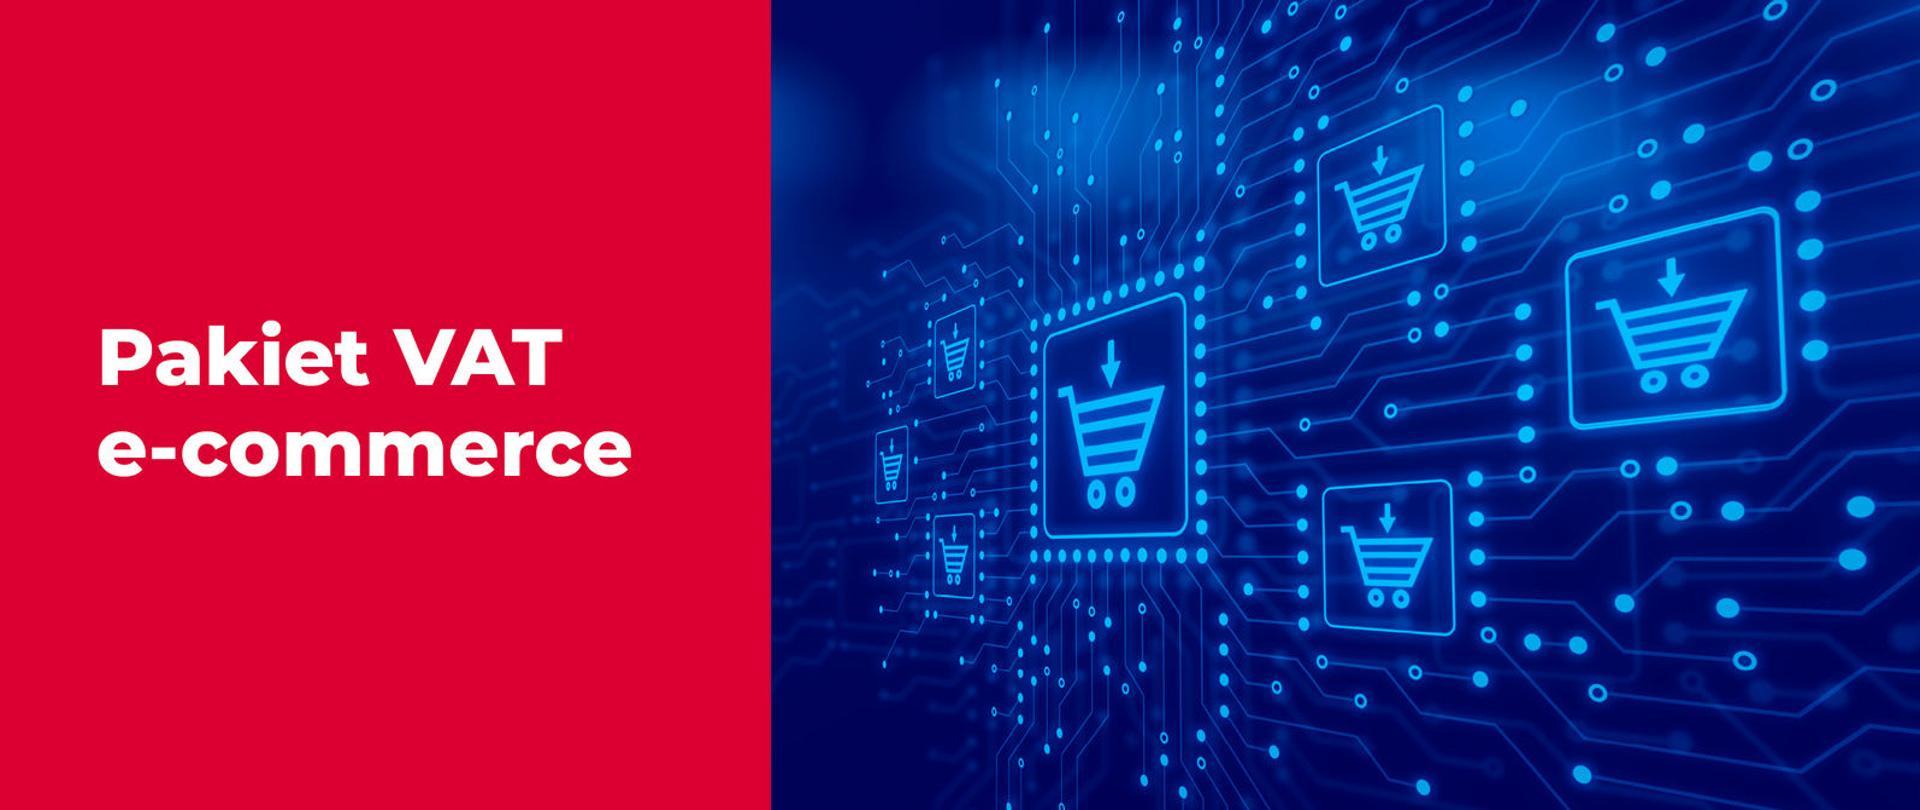 Po lewej stronie napis Pakiet VAT e-commerce a po prawej wirtualne koszyki sklepowe.